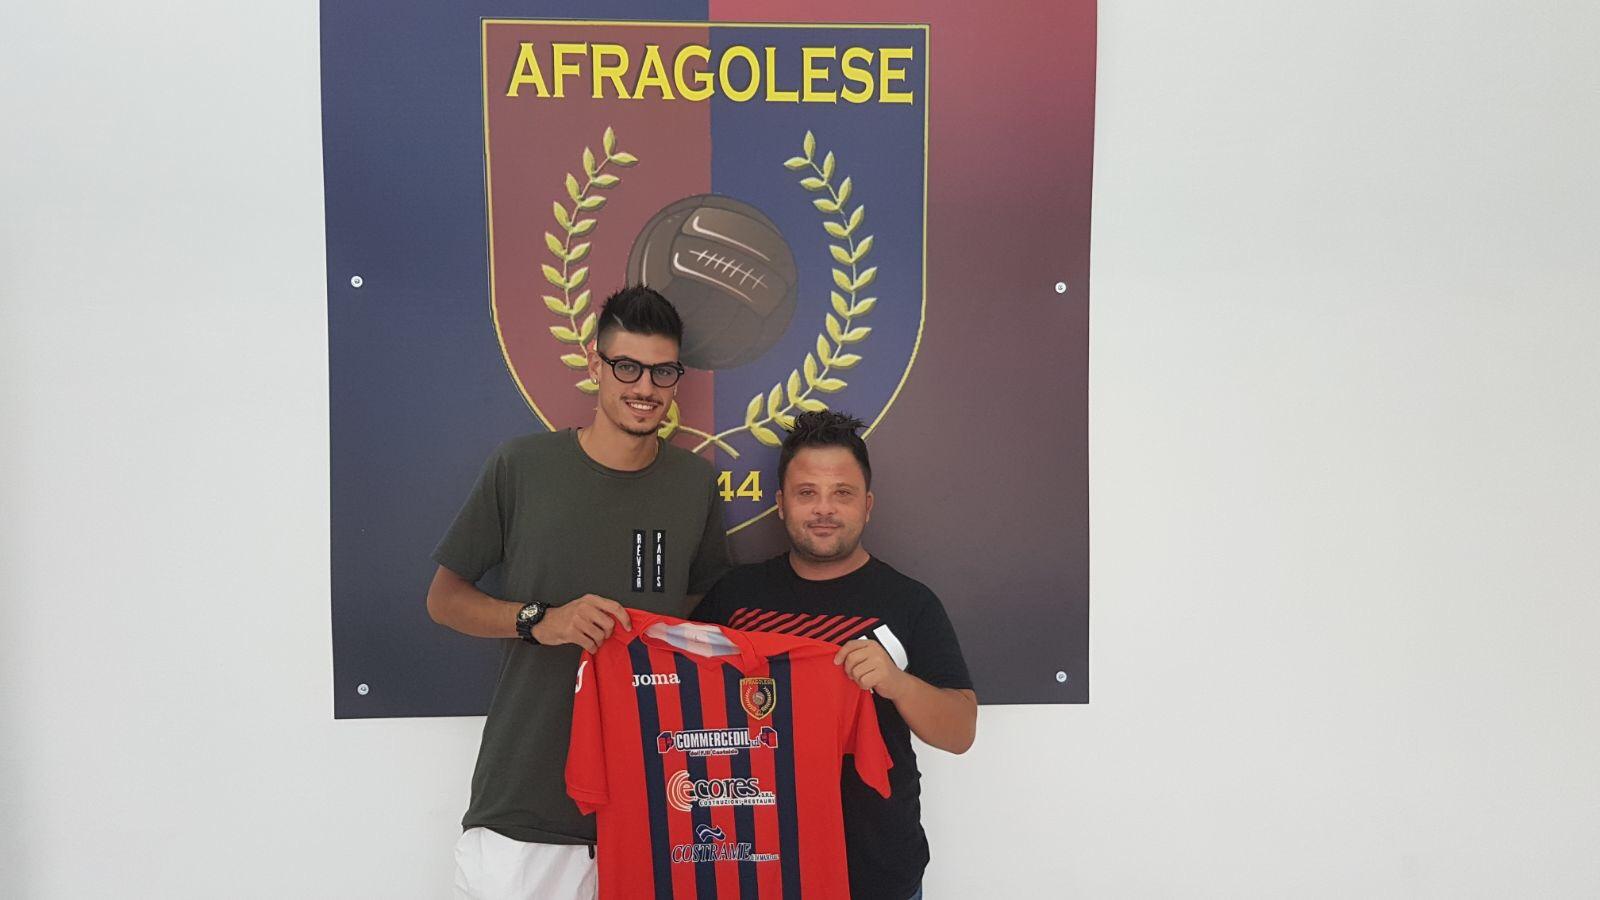 COMUNICATI | Afragolese, rinforzata la difesa con il giovane Francesco Cioce